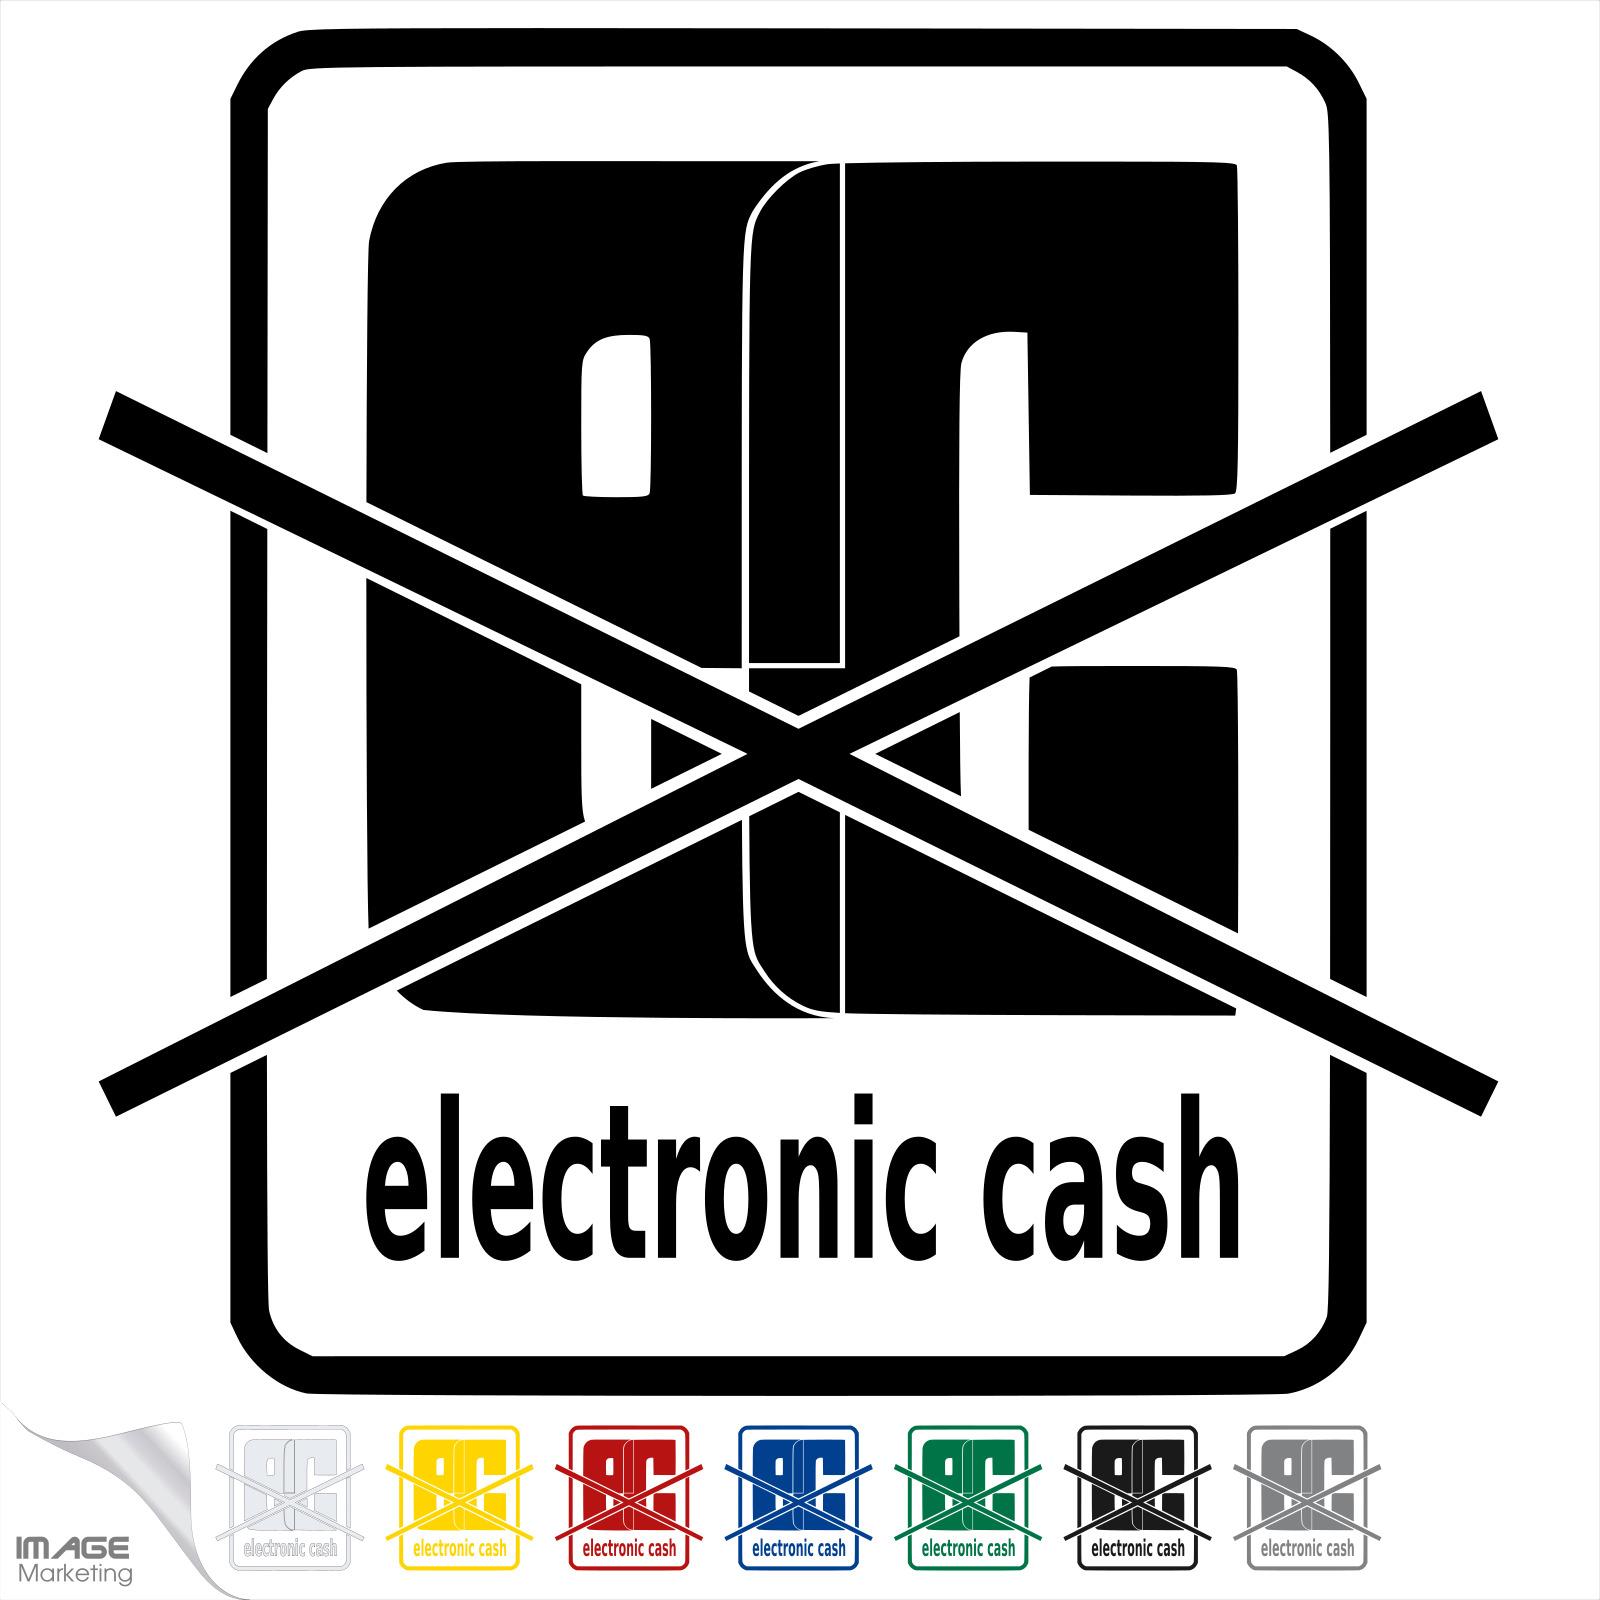 Ec Kartenzahlung.Details Zu Kein Ec Moglich Keine Ec Kartenzahlung Aufkleber Schaufenster Laden Geschaft